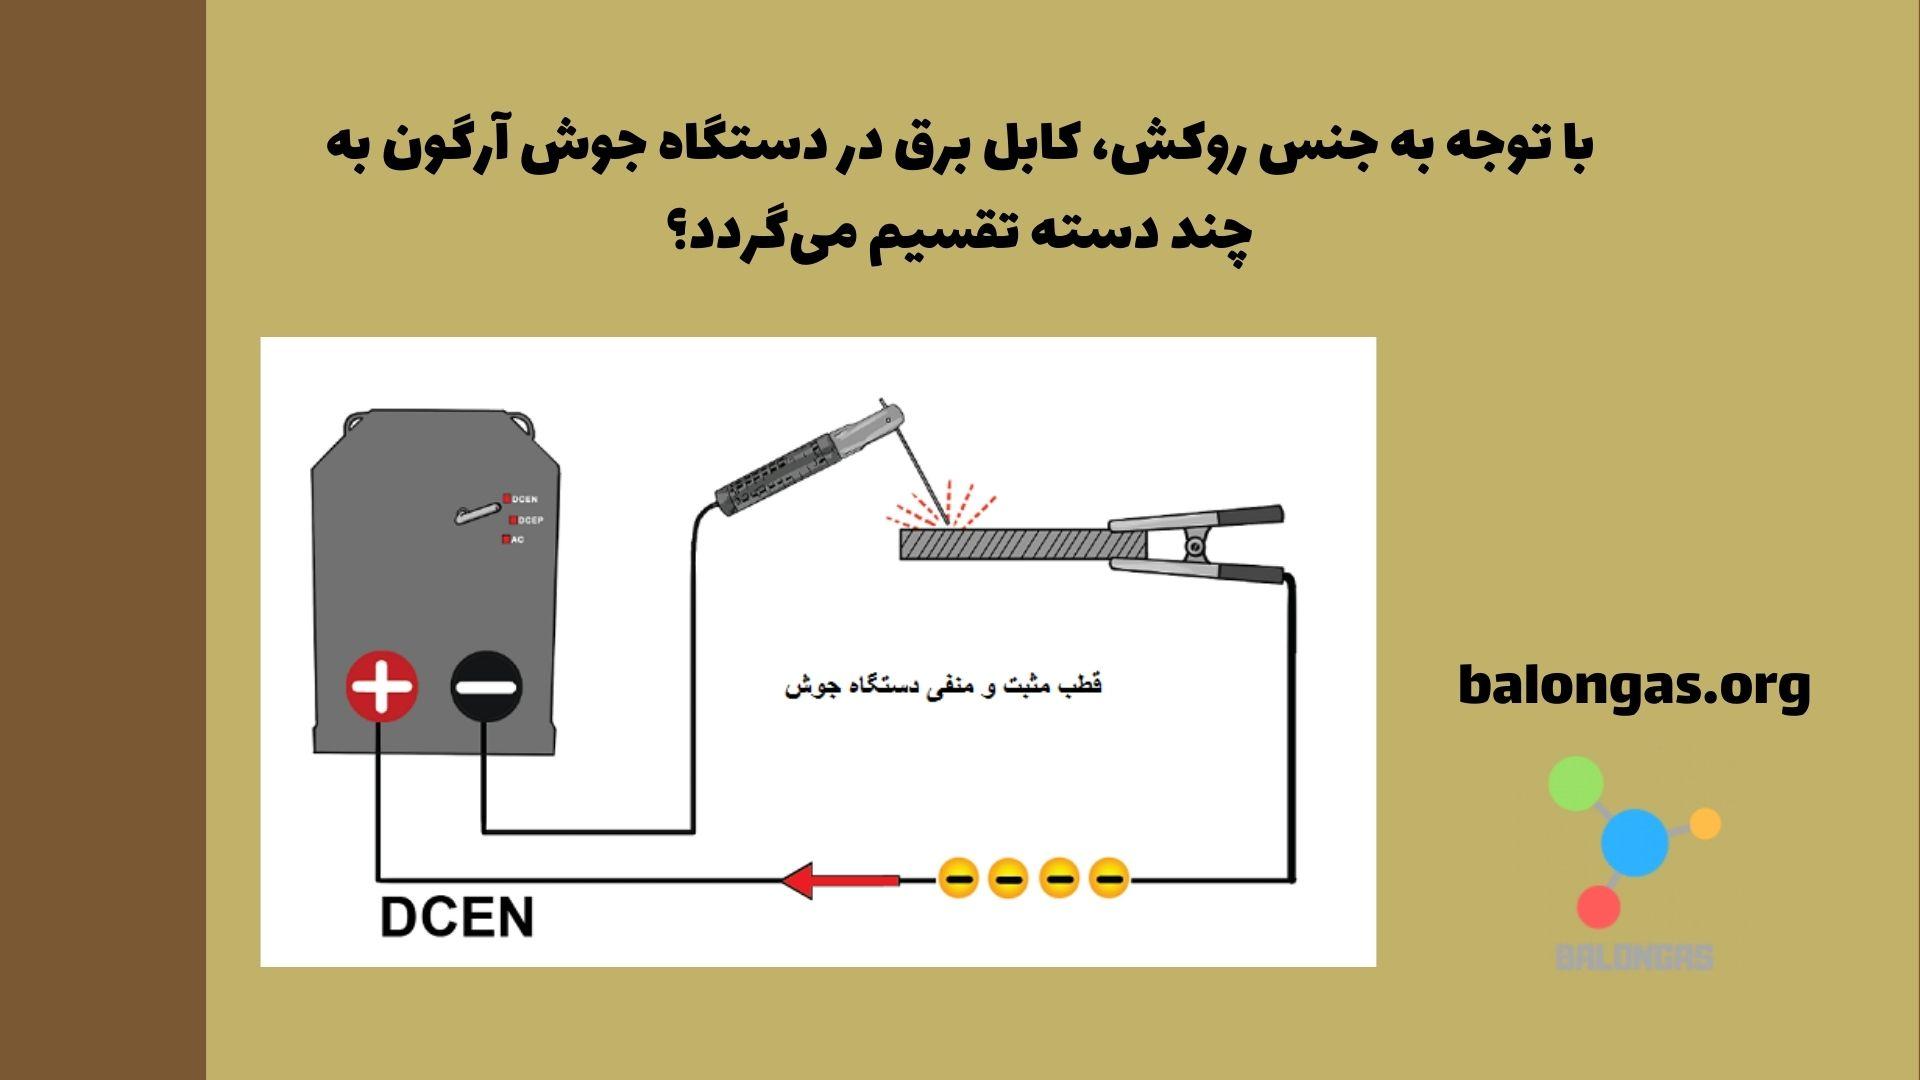 با توجه به جنس روکش، کابل برق در دستگاه جوش آرگون به چند دسته تقسیم میگردد؟